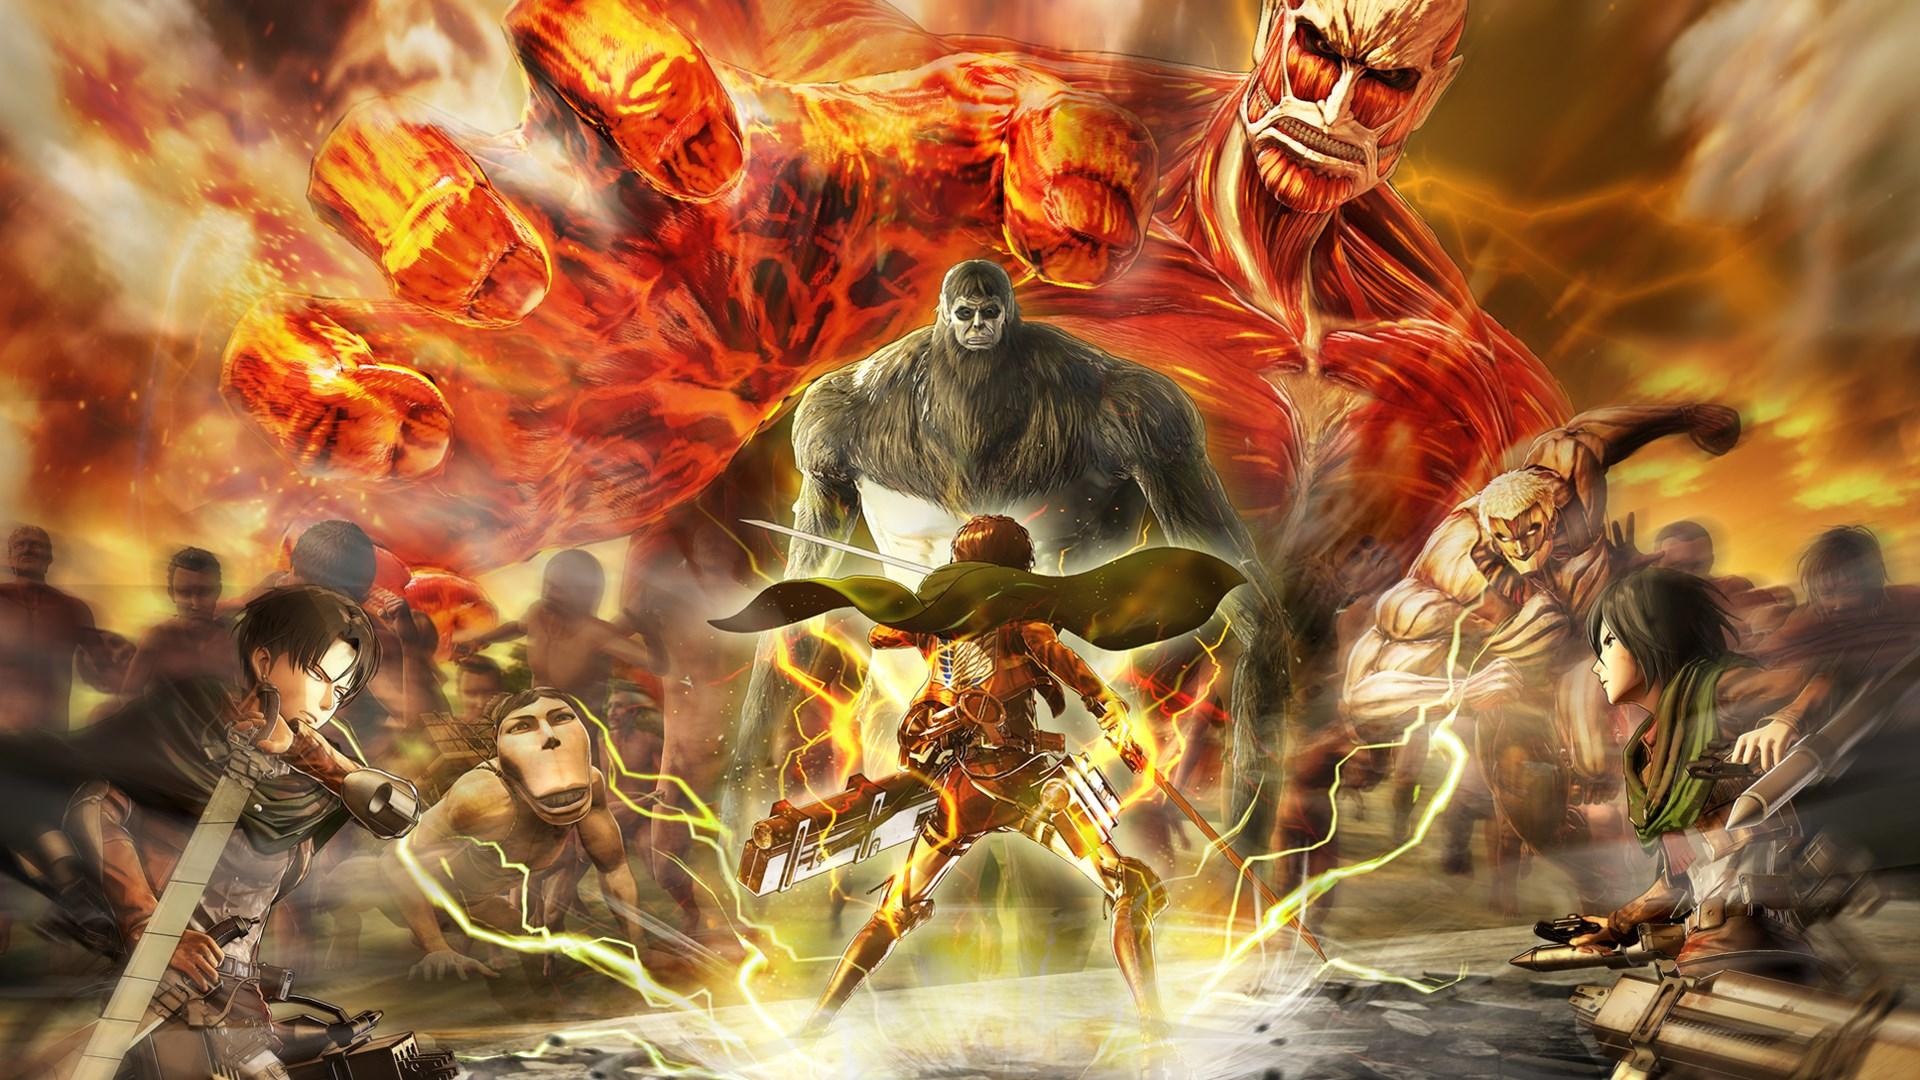 تحميل لعبة Attack on Titan 2: Final Battle تورنت وبأقل حجم (19.4gb) مع كل الإضافات